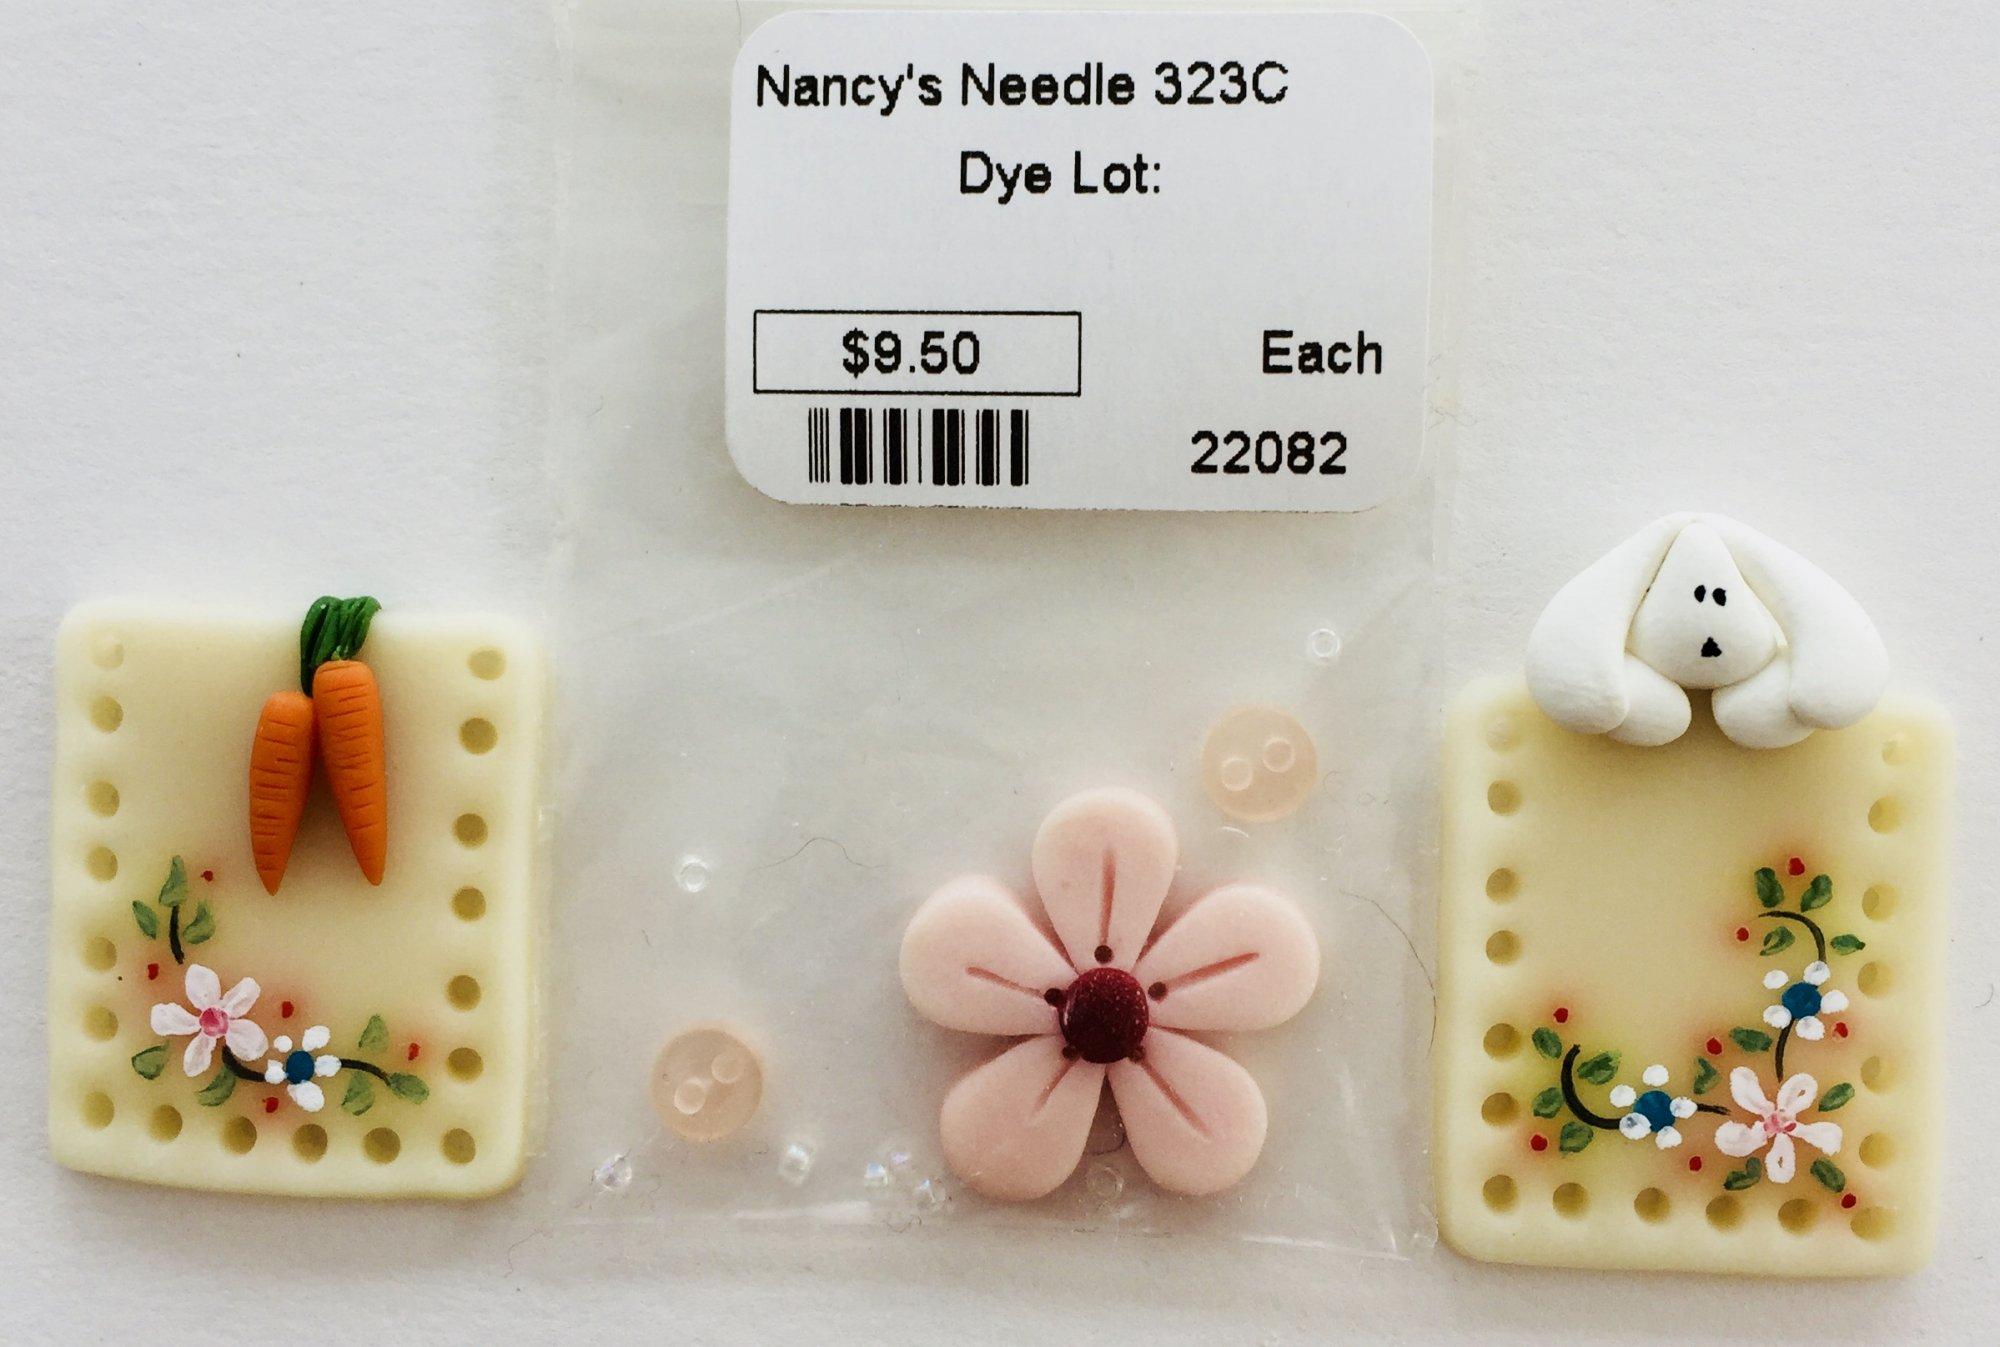 From Nancy's Needle 323C